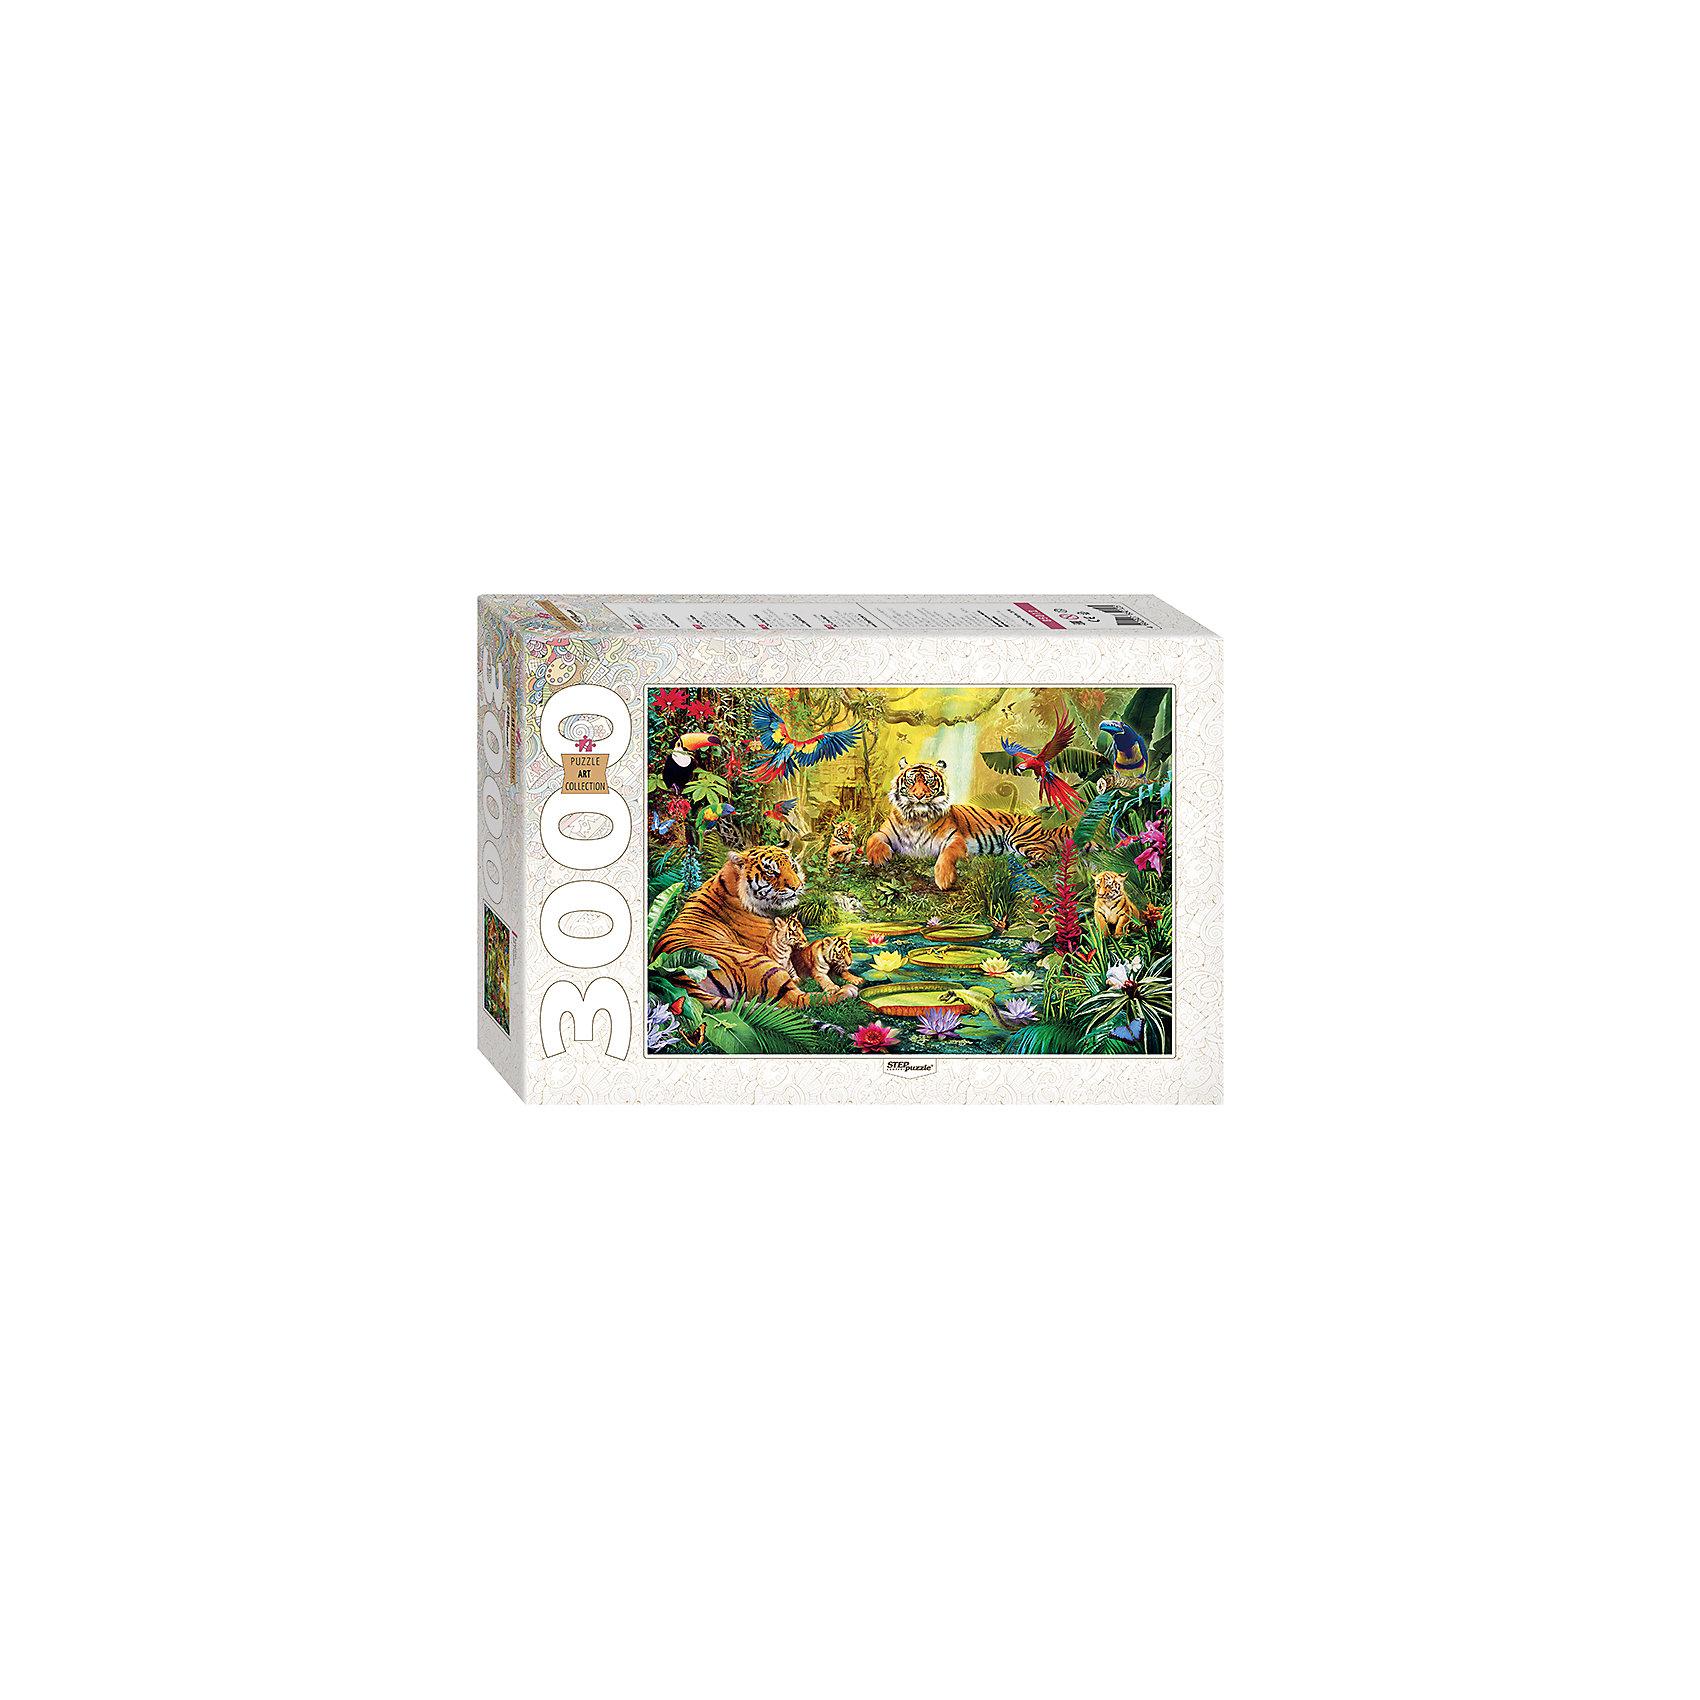 Пазл В джунглях, 3000 деталей, Step PuzzleКлассические пазлы<br>Характеристики товара:<br><br>- цвет: разноцветный;<br>- материал: картон;<br>- деталей: 3000;<br>- высокая точность подгонки элементов;<br>- отличное качество печати;<br>- упаковка: коробка.<br><br>Собирать пазлы любят и дети, и взрослые! Это занятие может не только позволять весело проводить время, но и помогать всестороннему развитию ребенка. Изделие представляет собой детали, из которых нужно собрать очень красивую картинку. Все детали отлично проработаны, готовое изображение можно даже зафиксировать на бумаге и украсить им интерьер!<br>Собирание пазлов поможет формированию разных навыков, оно помогает развить тактильное восприятие, мелкую моторику, воображение, внимание и логику. Изделие произведено из качественных материалов, безопасных для ребенка. Набор станет отличным подарком детям!<br><br>Пазл В джунглях, 3000 деталей, от бренда Step Puzzle можно купить в нашем интернет-магазине.<br><br>Ширина мм: 400<br>Глубина мм: 270<br>Высота мм: 85<br>Вес г: 2750<br>Возраст от месяцев: 84<br>Возраст до месяцев: 180<br>Пол: Унисекс<br>Возраст: Детский<br>SKU: 5138186